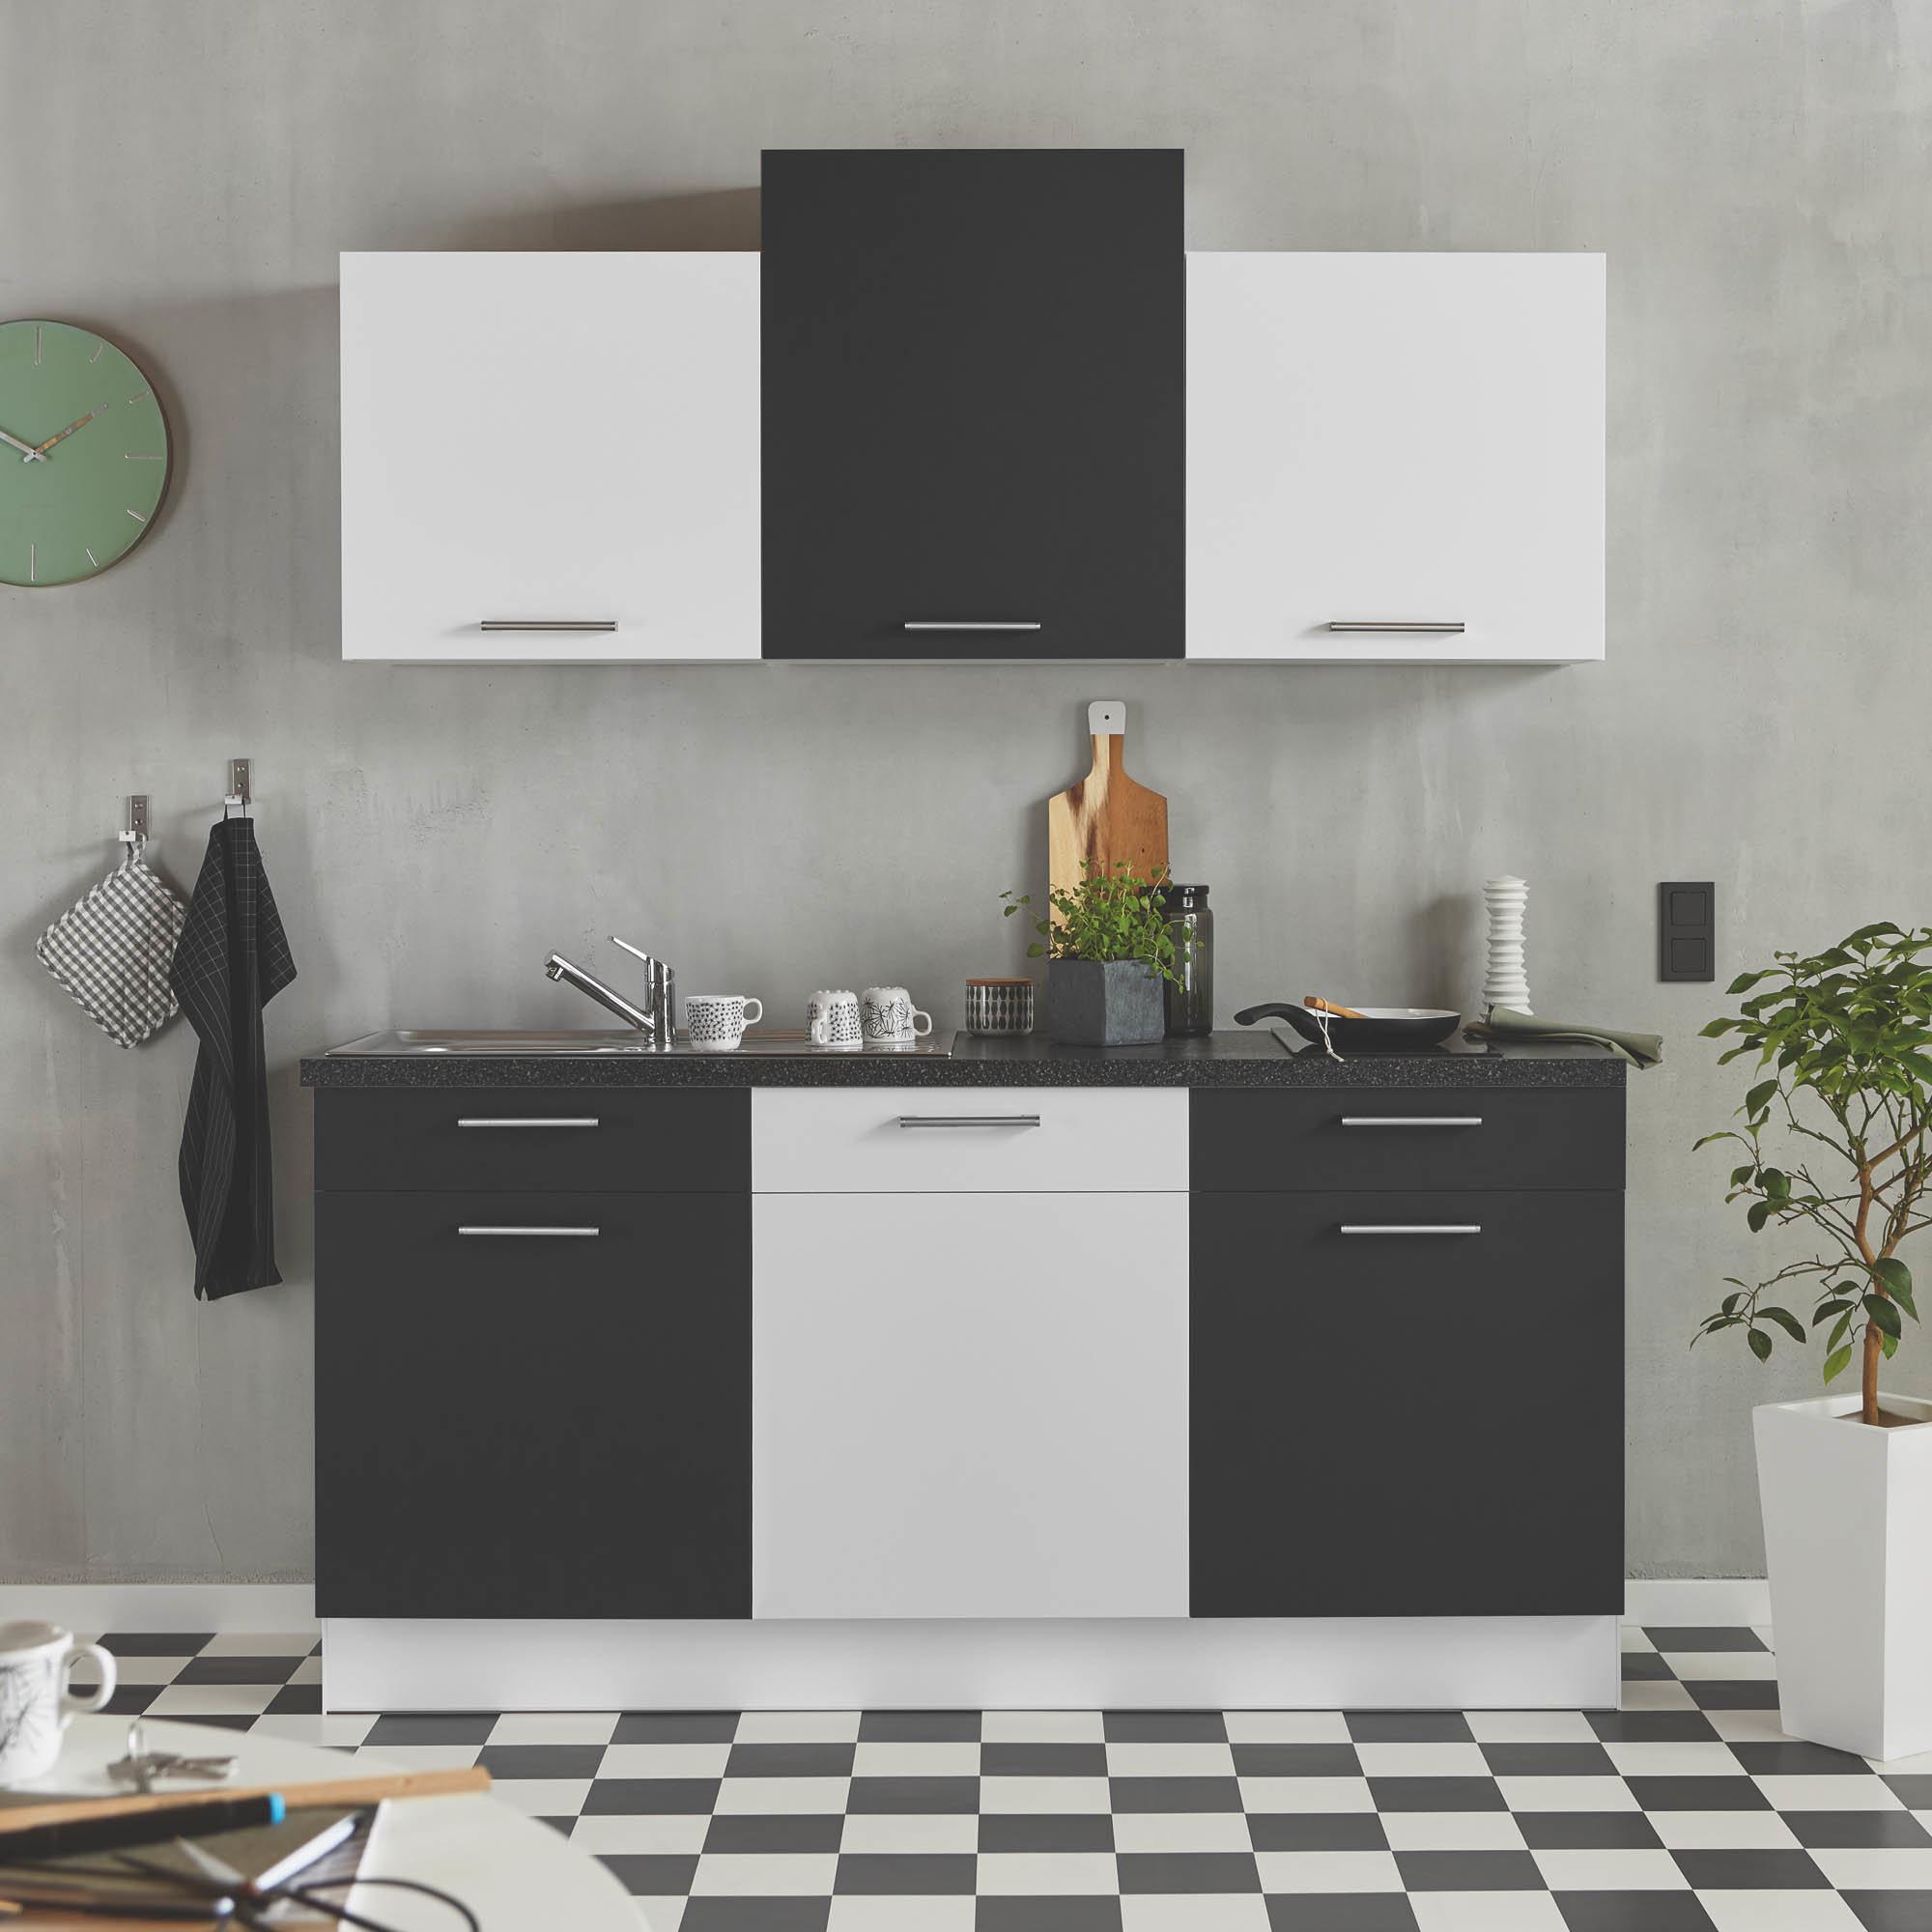 Full Size of Kleine Einbauküche Kleine Einbauküche Planen Kleine Einbauküche Ohne Geräte Kleine Einbauküche Ebay Küche Kleine Einbauküche